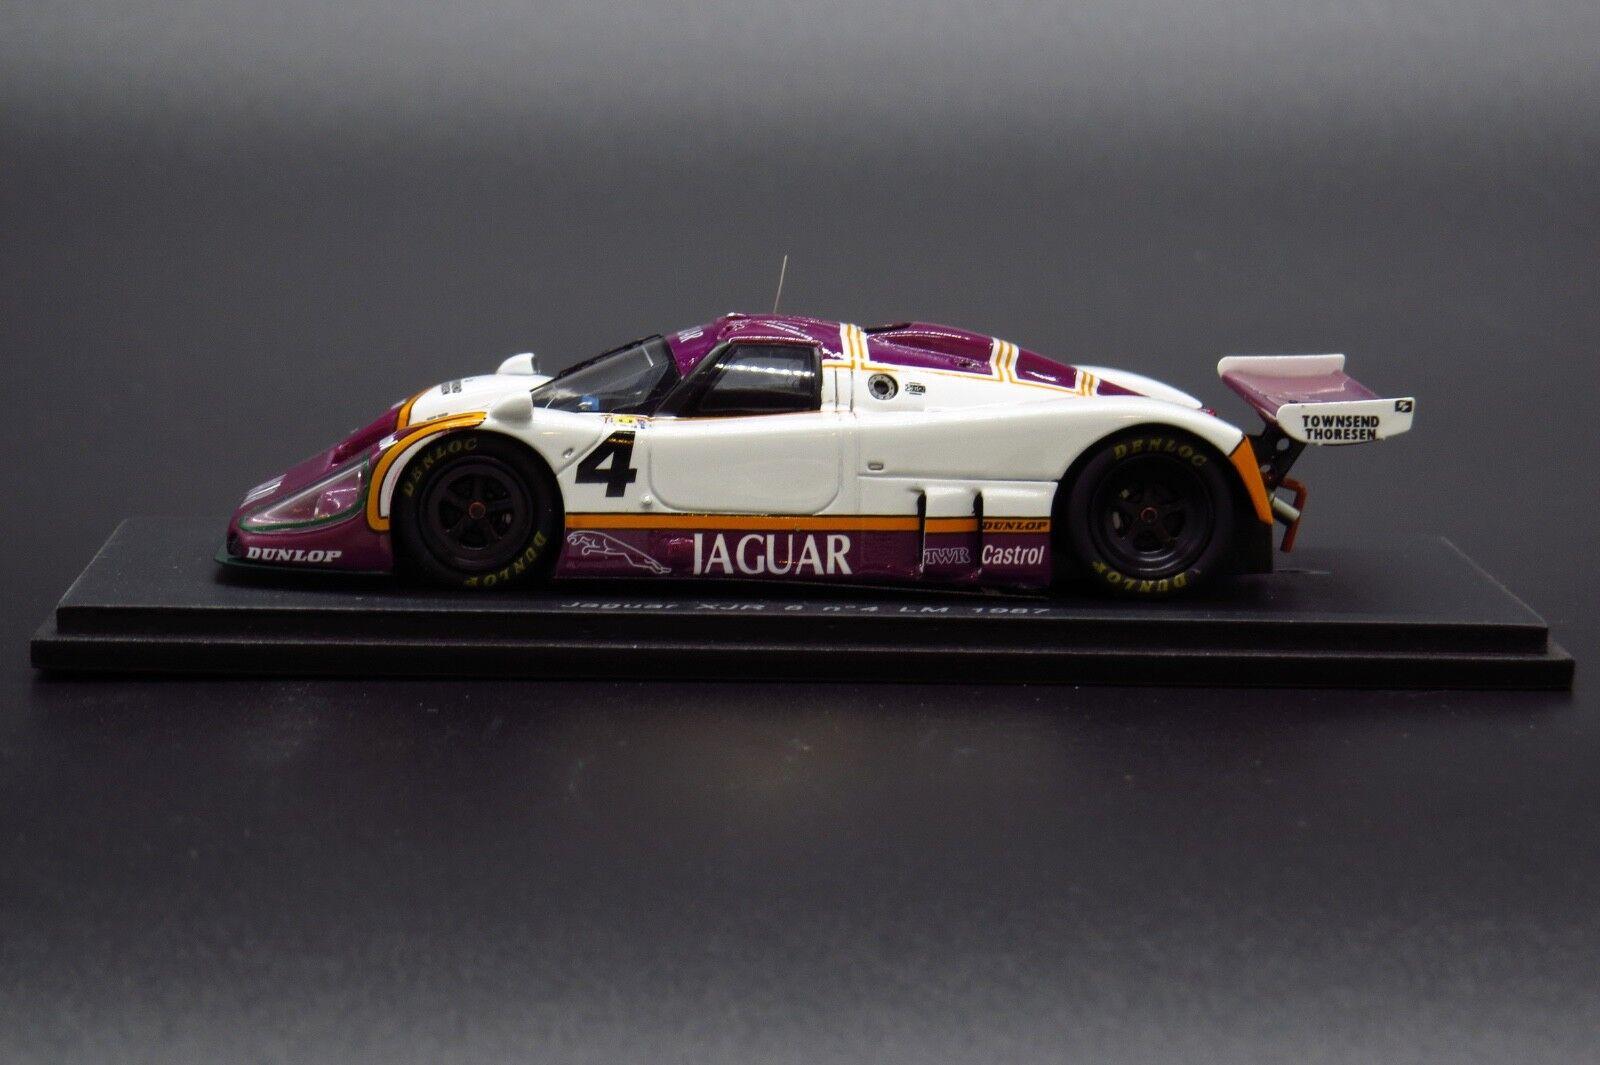 Spark  Models 1 43 Scale S0758 - Jaguar XJR 8  4 LM 1987  profitez de 50% de réduction